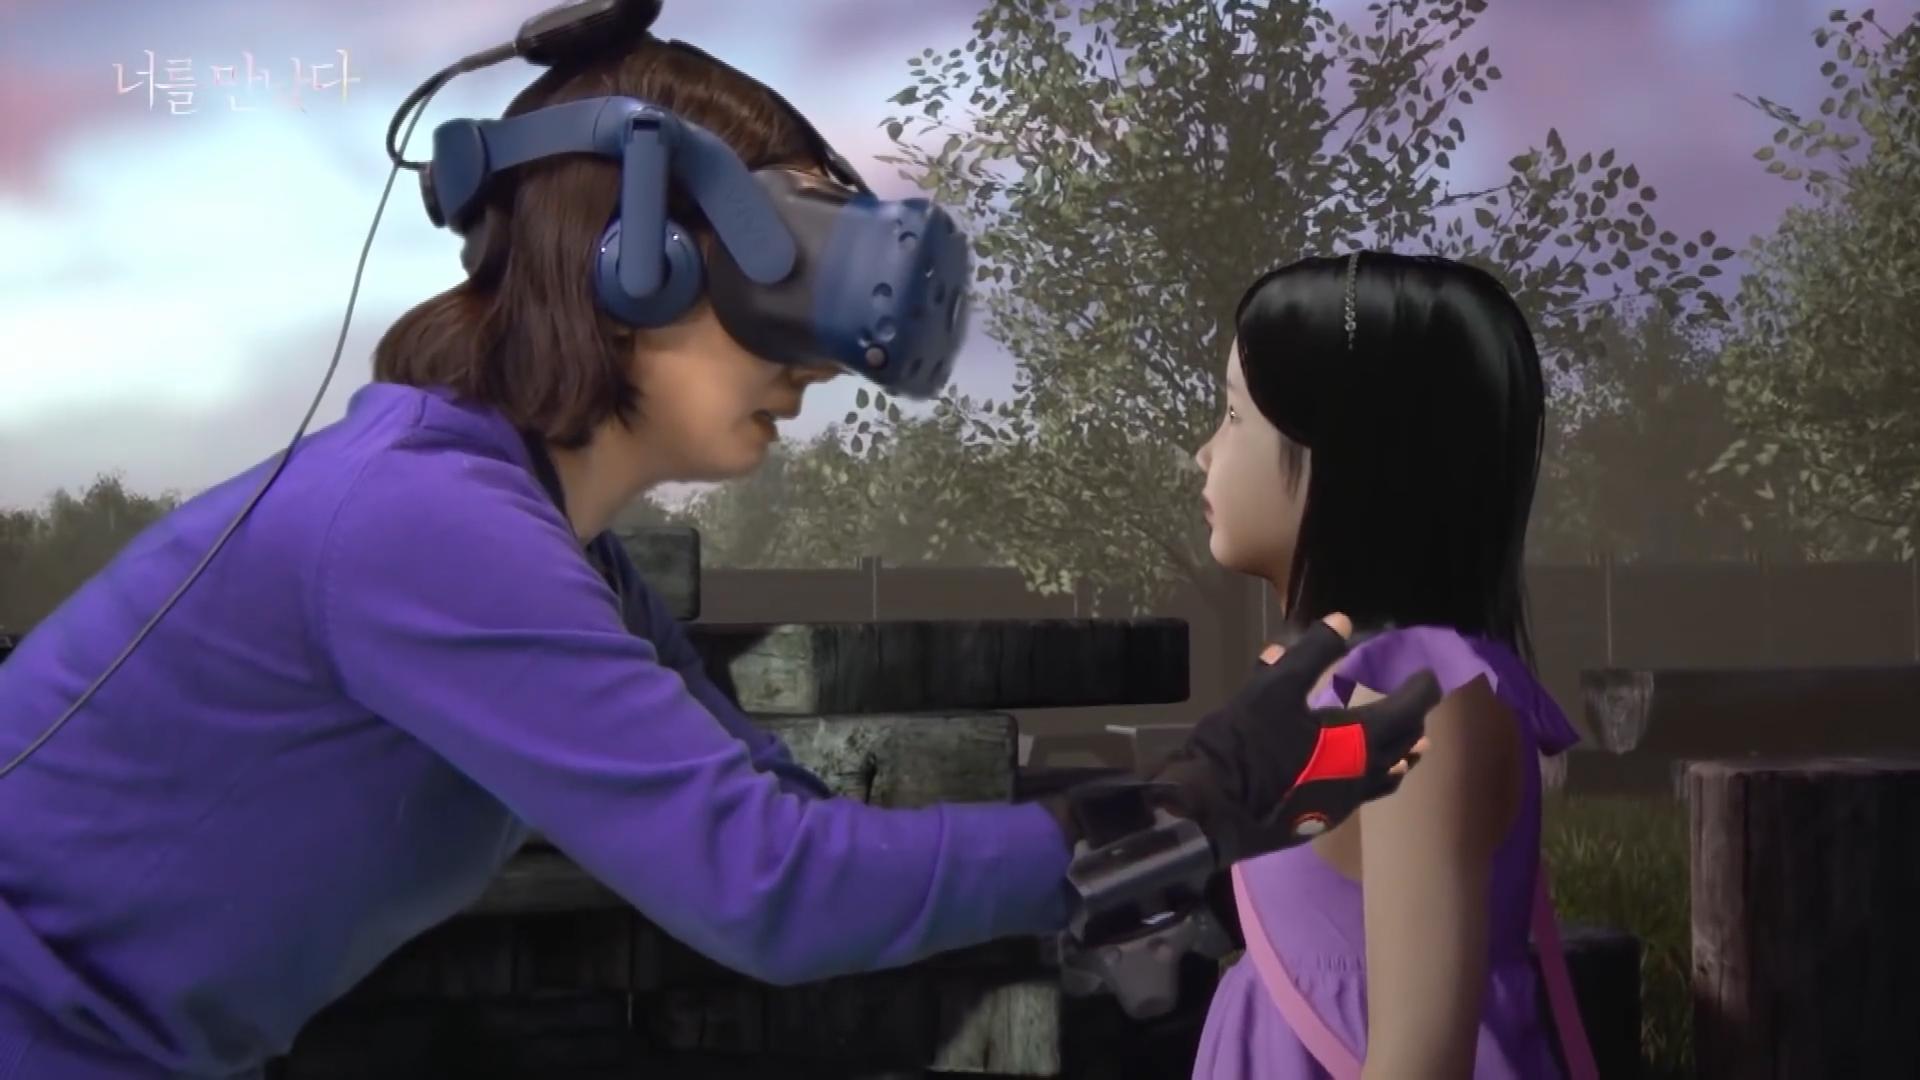 Les retrouvailles d'une mère et sa fille en réalité virtuelle